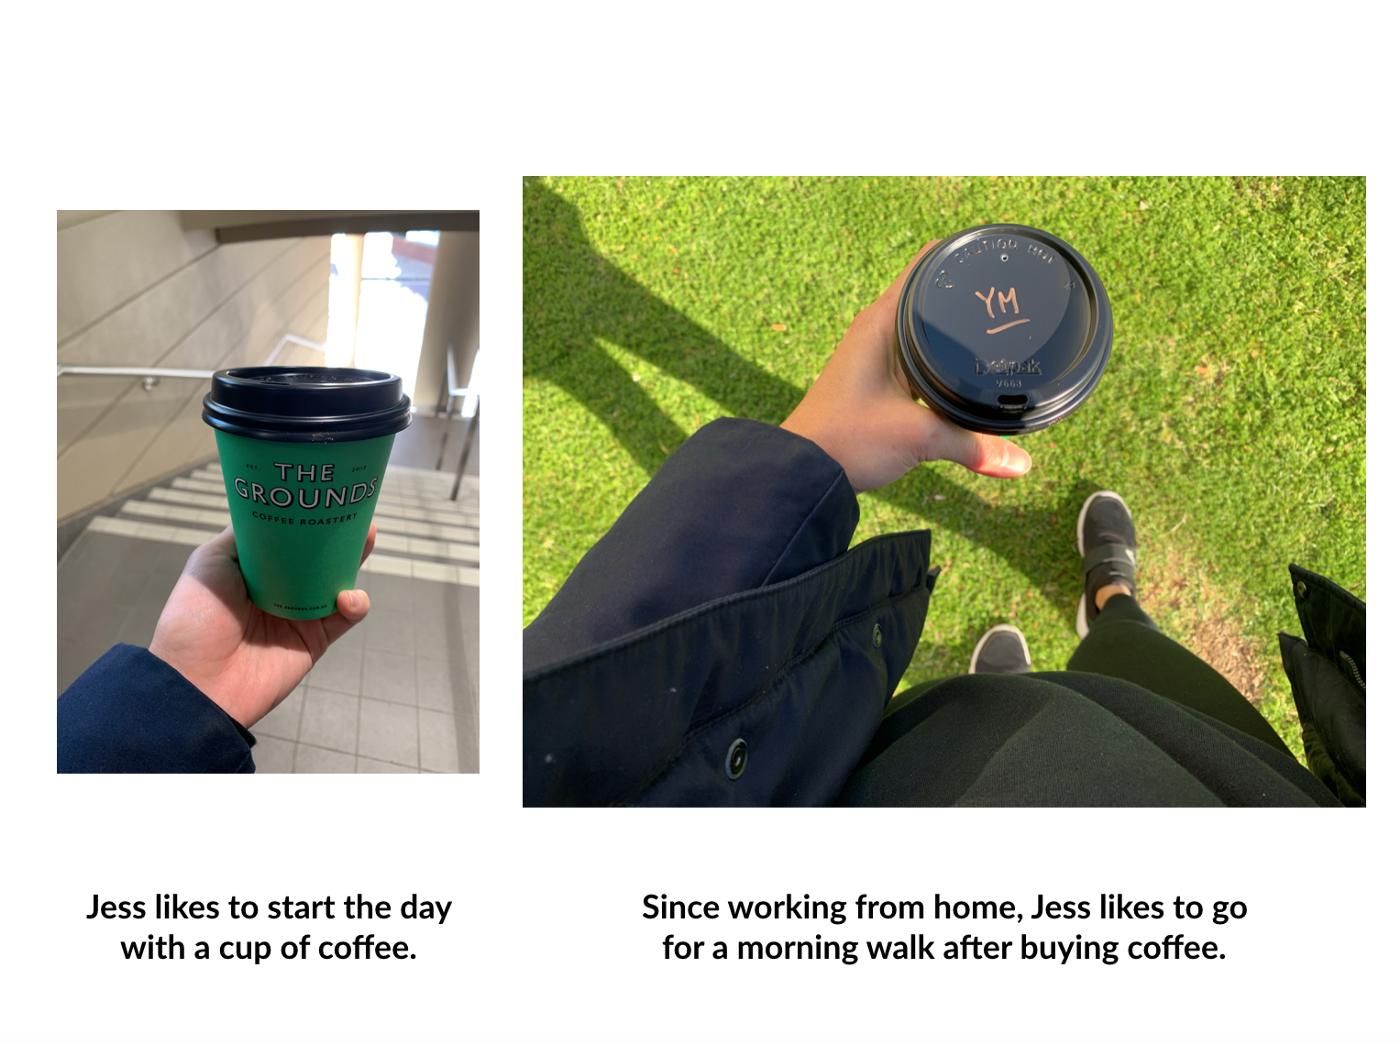 用 4 种不同的方式讲故事提升设计水平插图(4)